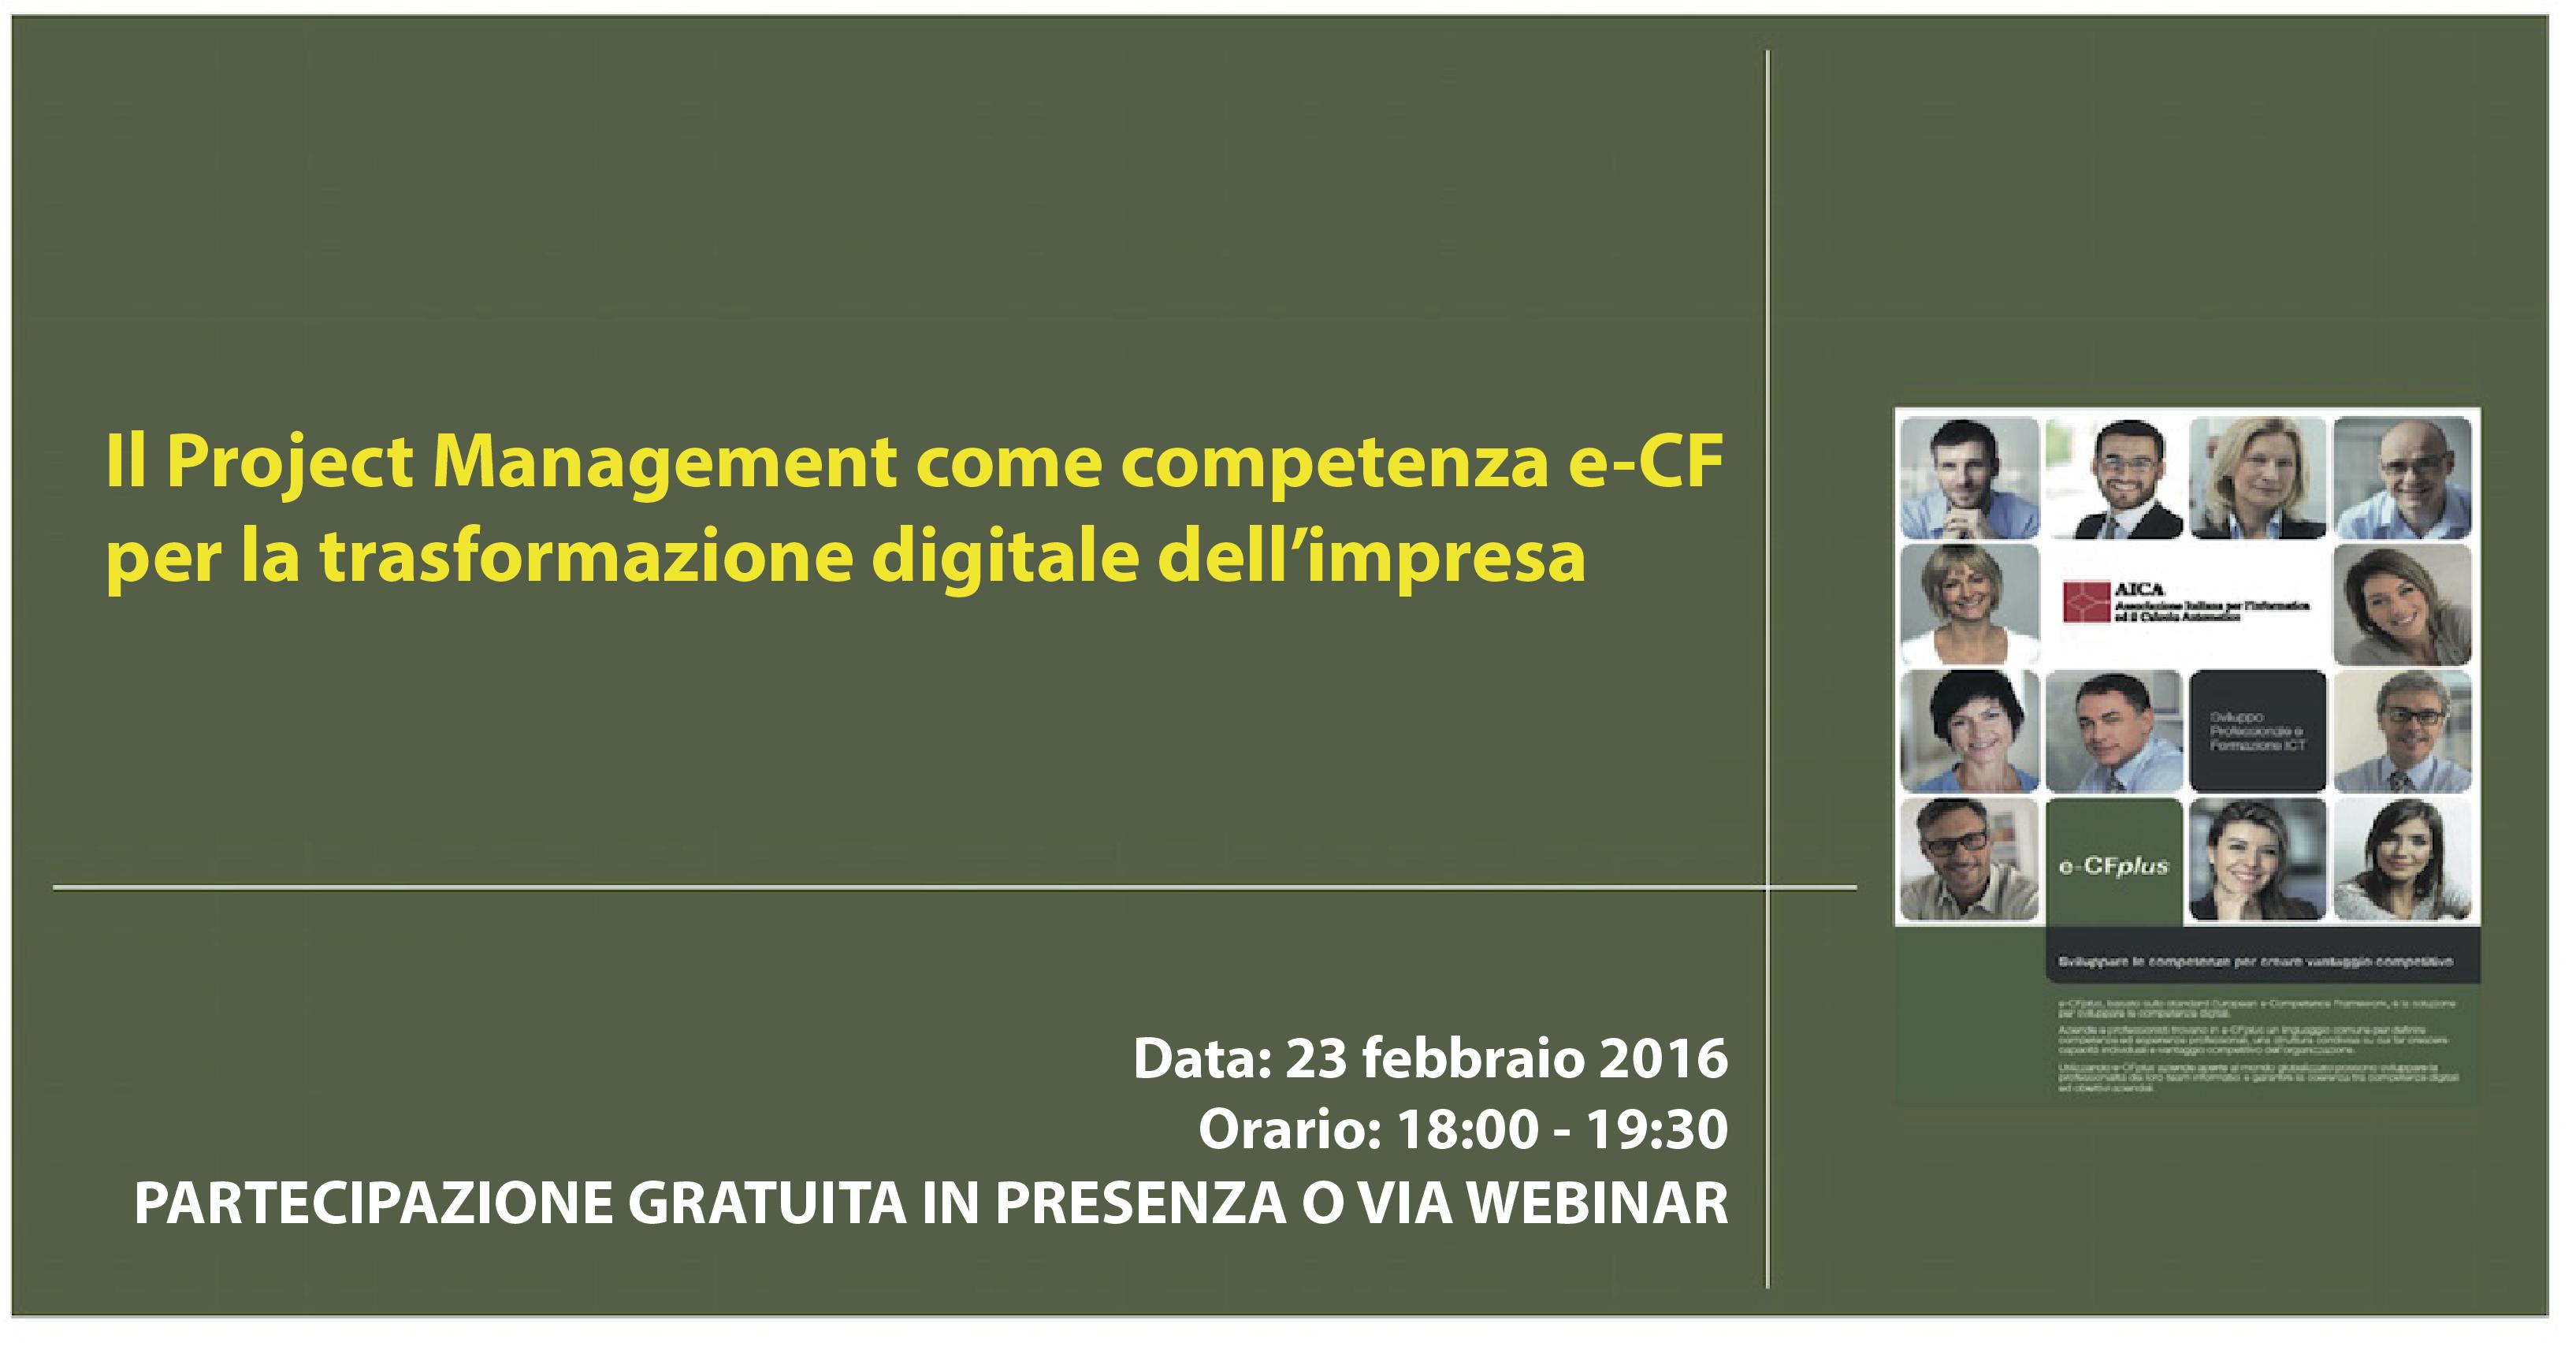 Ciclo delle Conversazioni - il Project Management come competenza e-CF per la trasformazione digitale dell'impresa